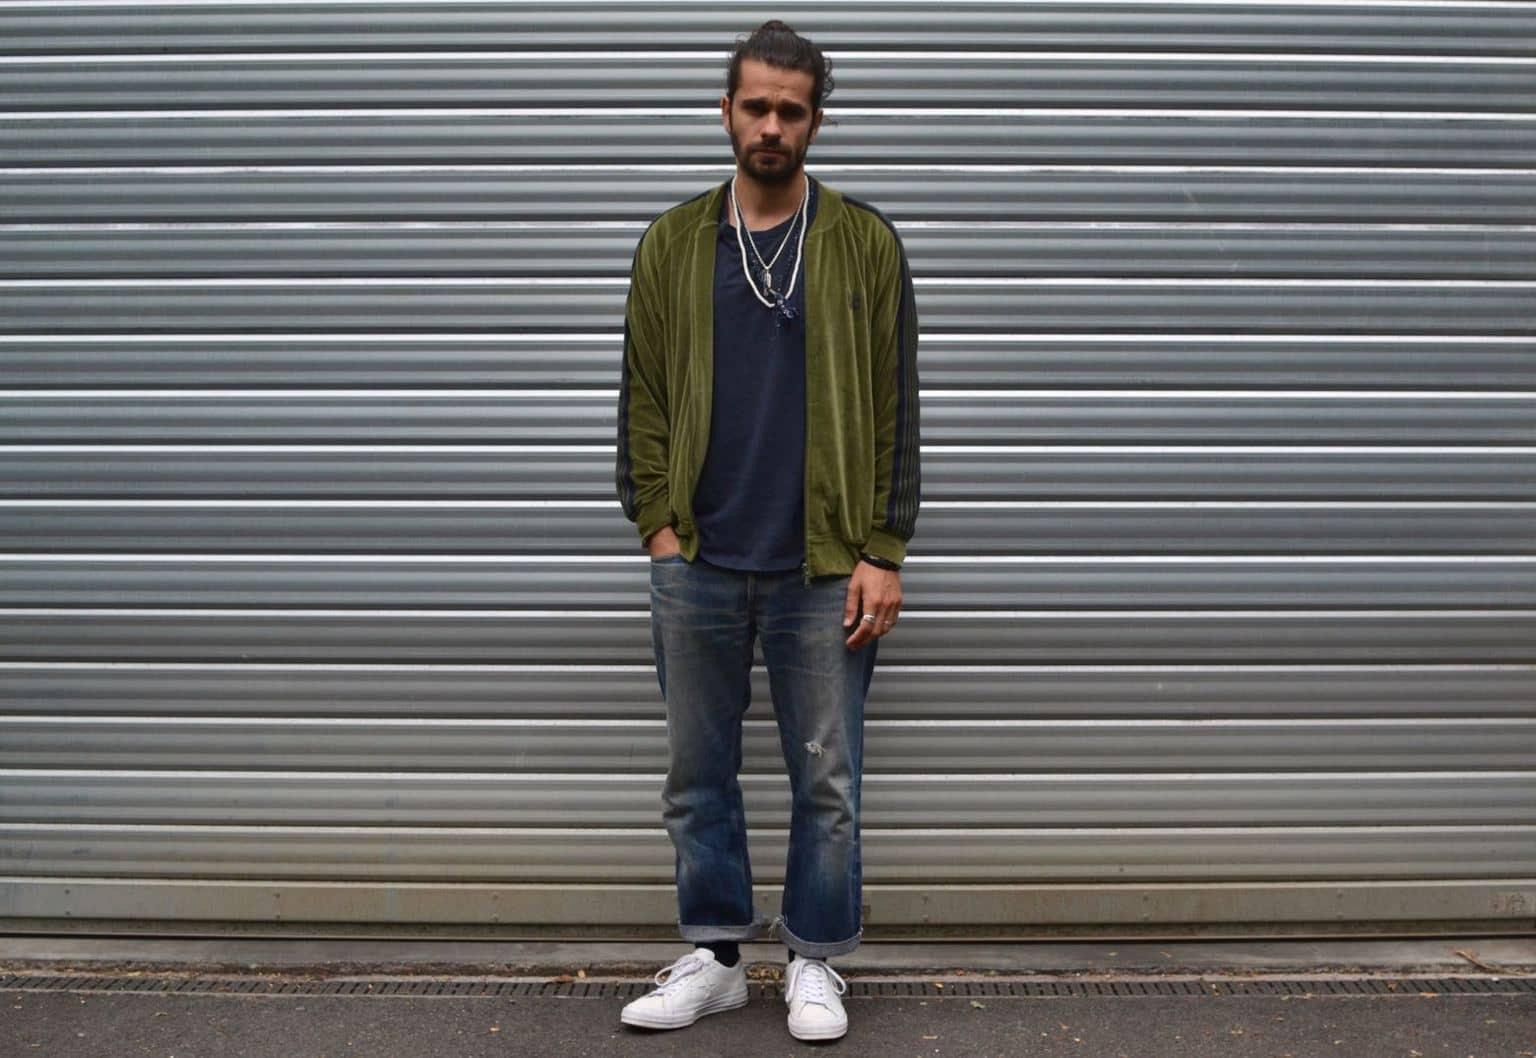 comment porter une veste de survêtement jogging dans un style homme streetwear